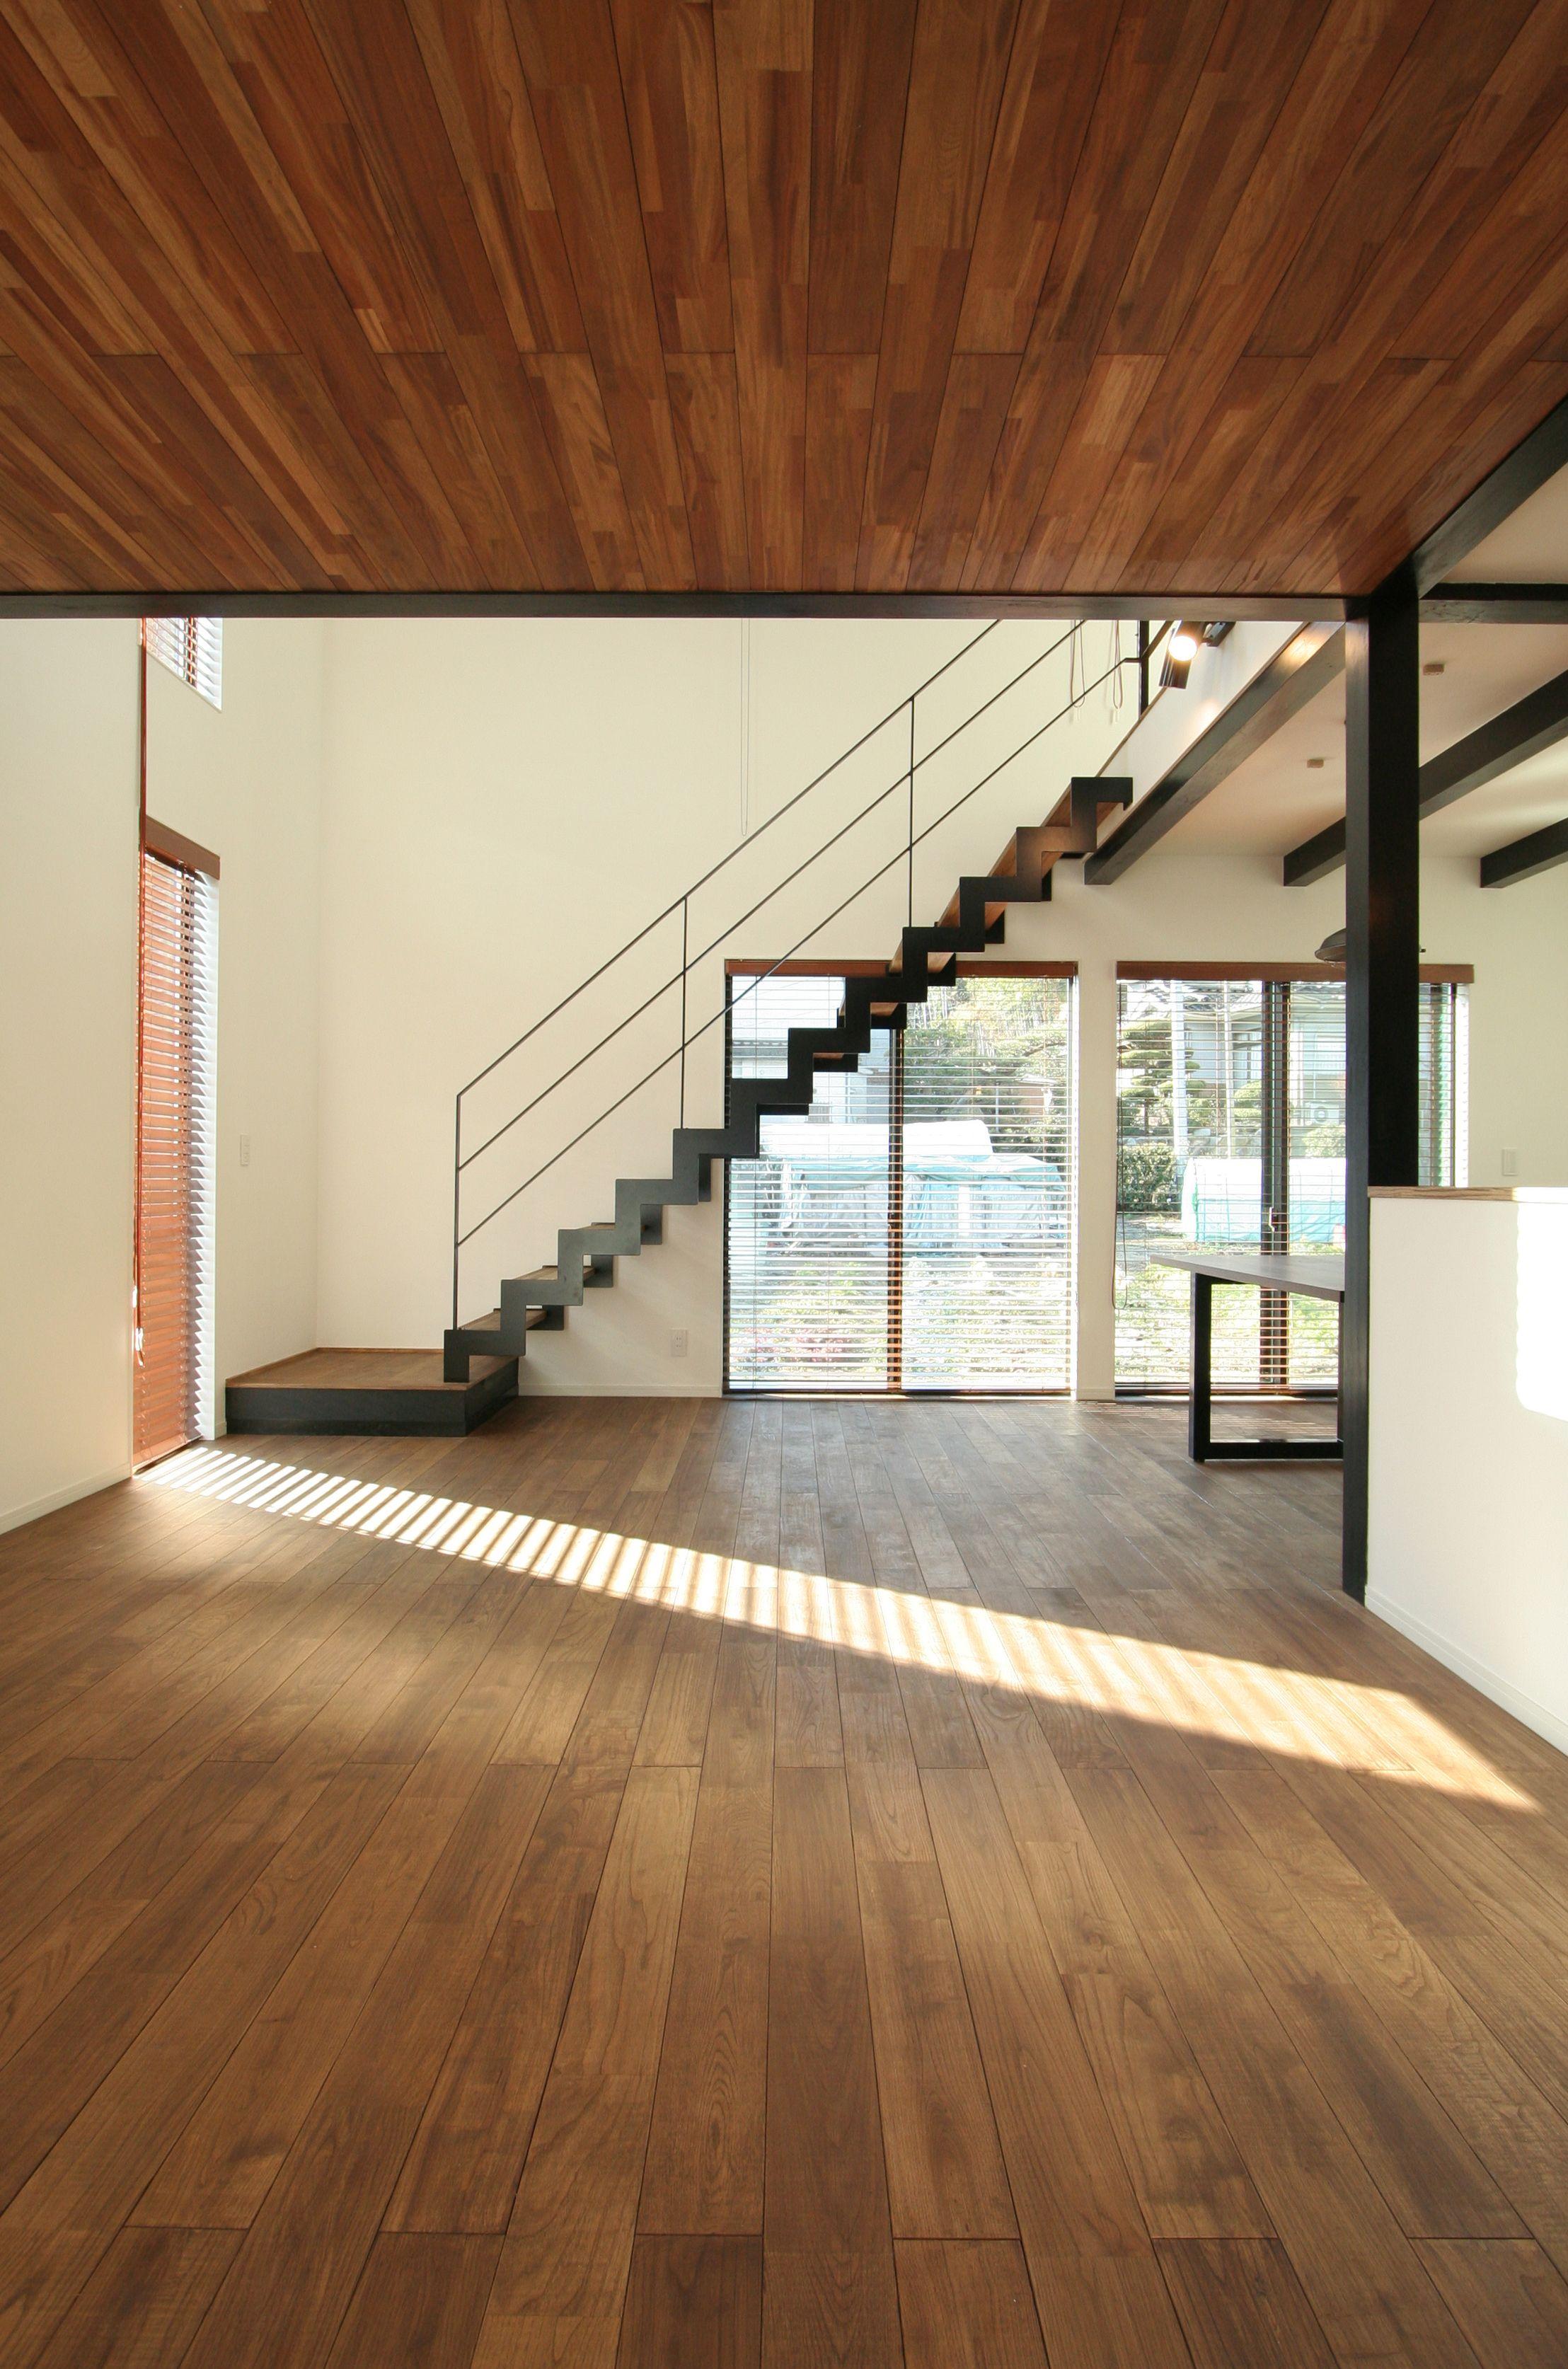 天井と床にダークブラウンの無垢材を使ったビンテージ調のダイナミック